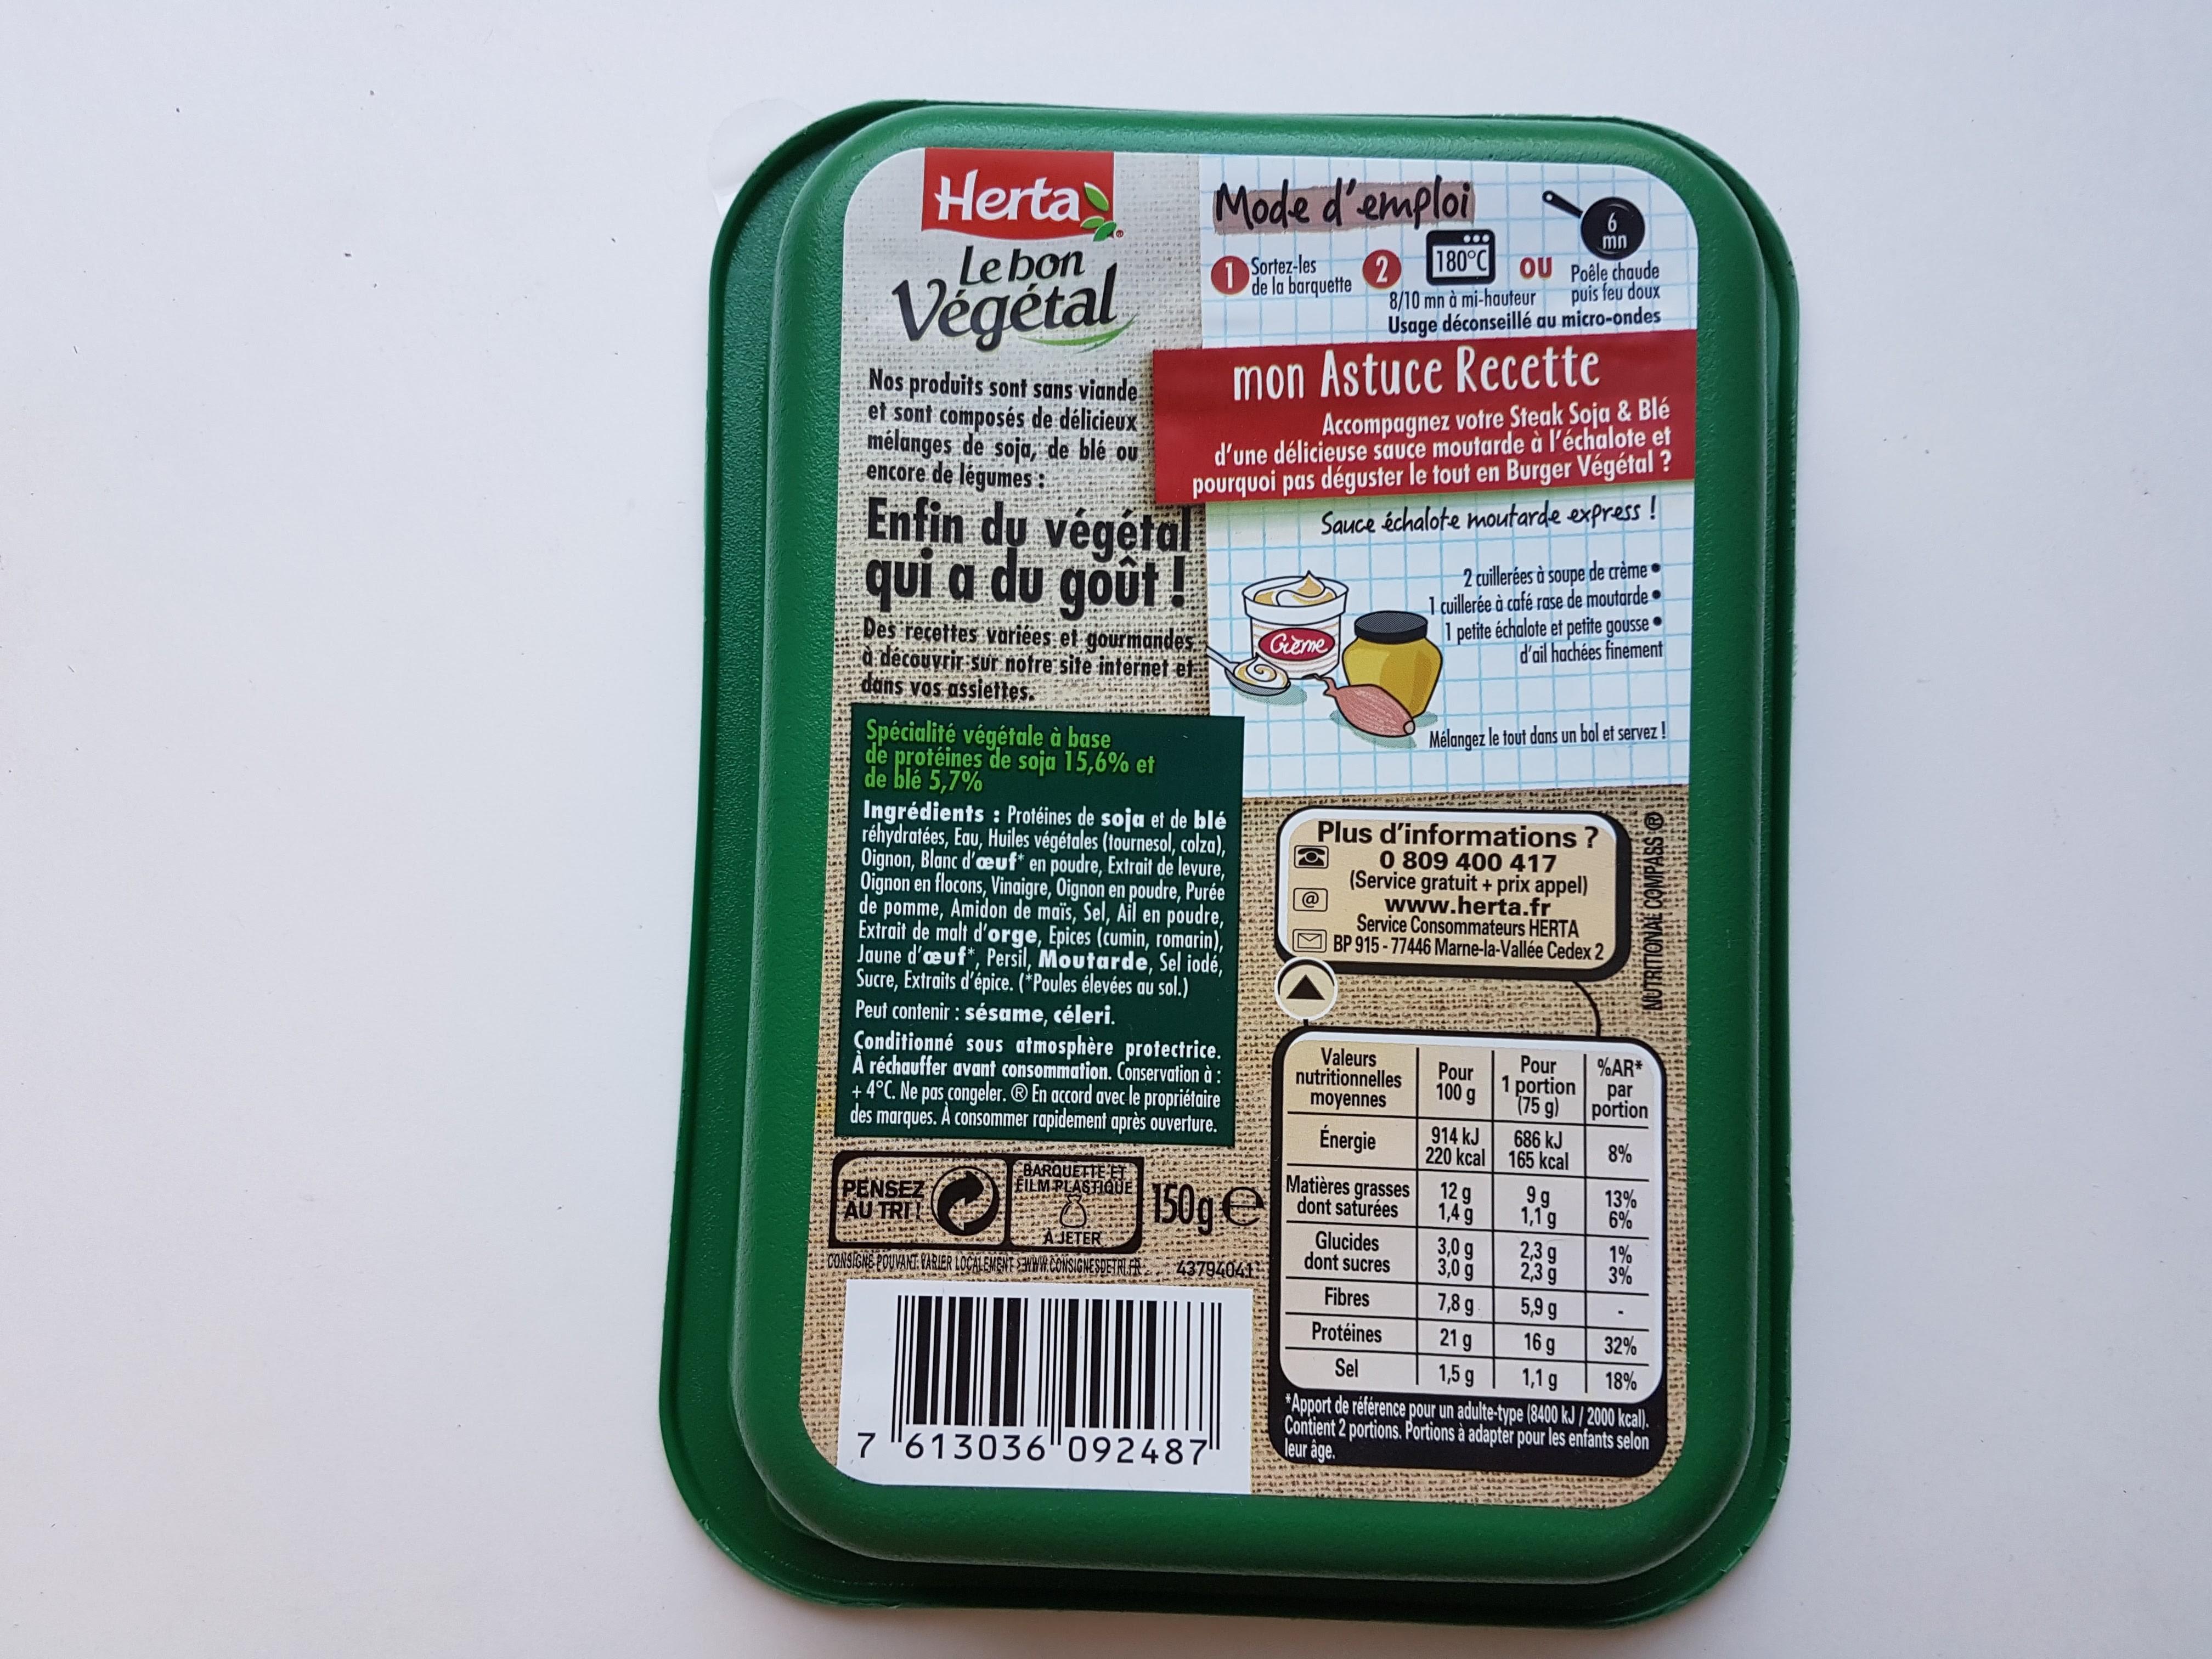 HERTA-Le-bon-Végétal-Steak-Soja-Blé - Herta-Le-Bon-Végétal-Steak-Soja-Blé-8.jpg